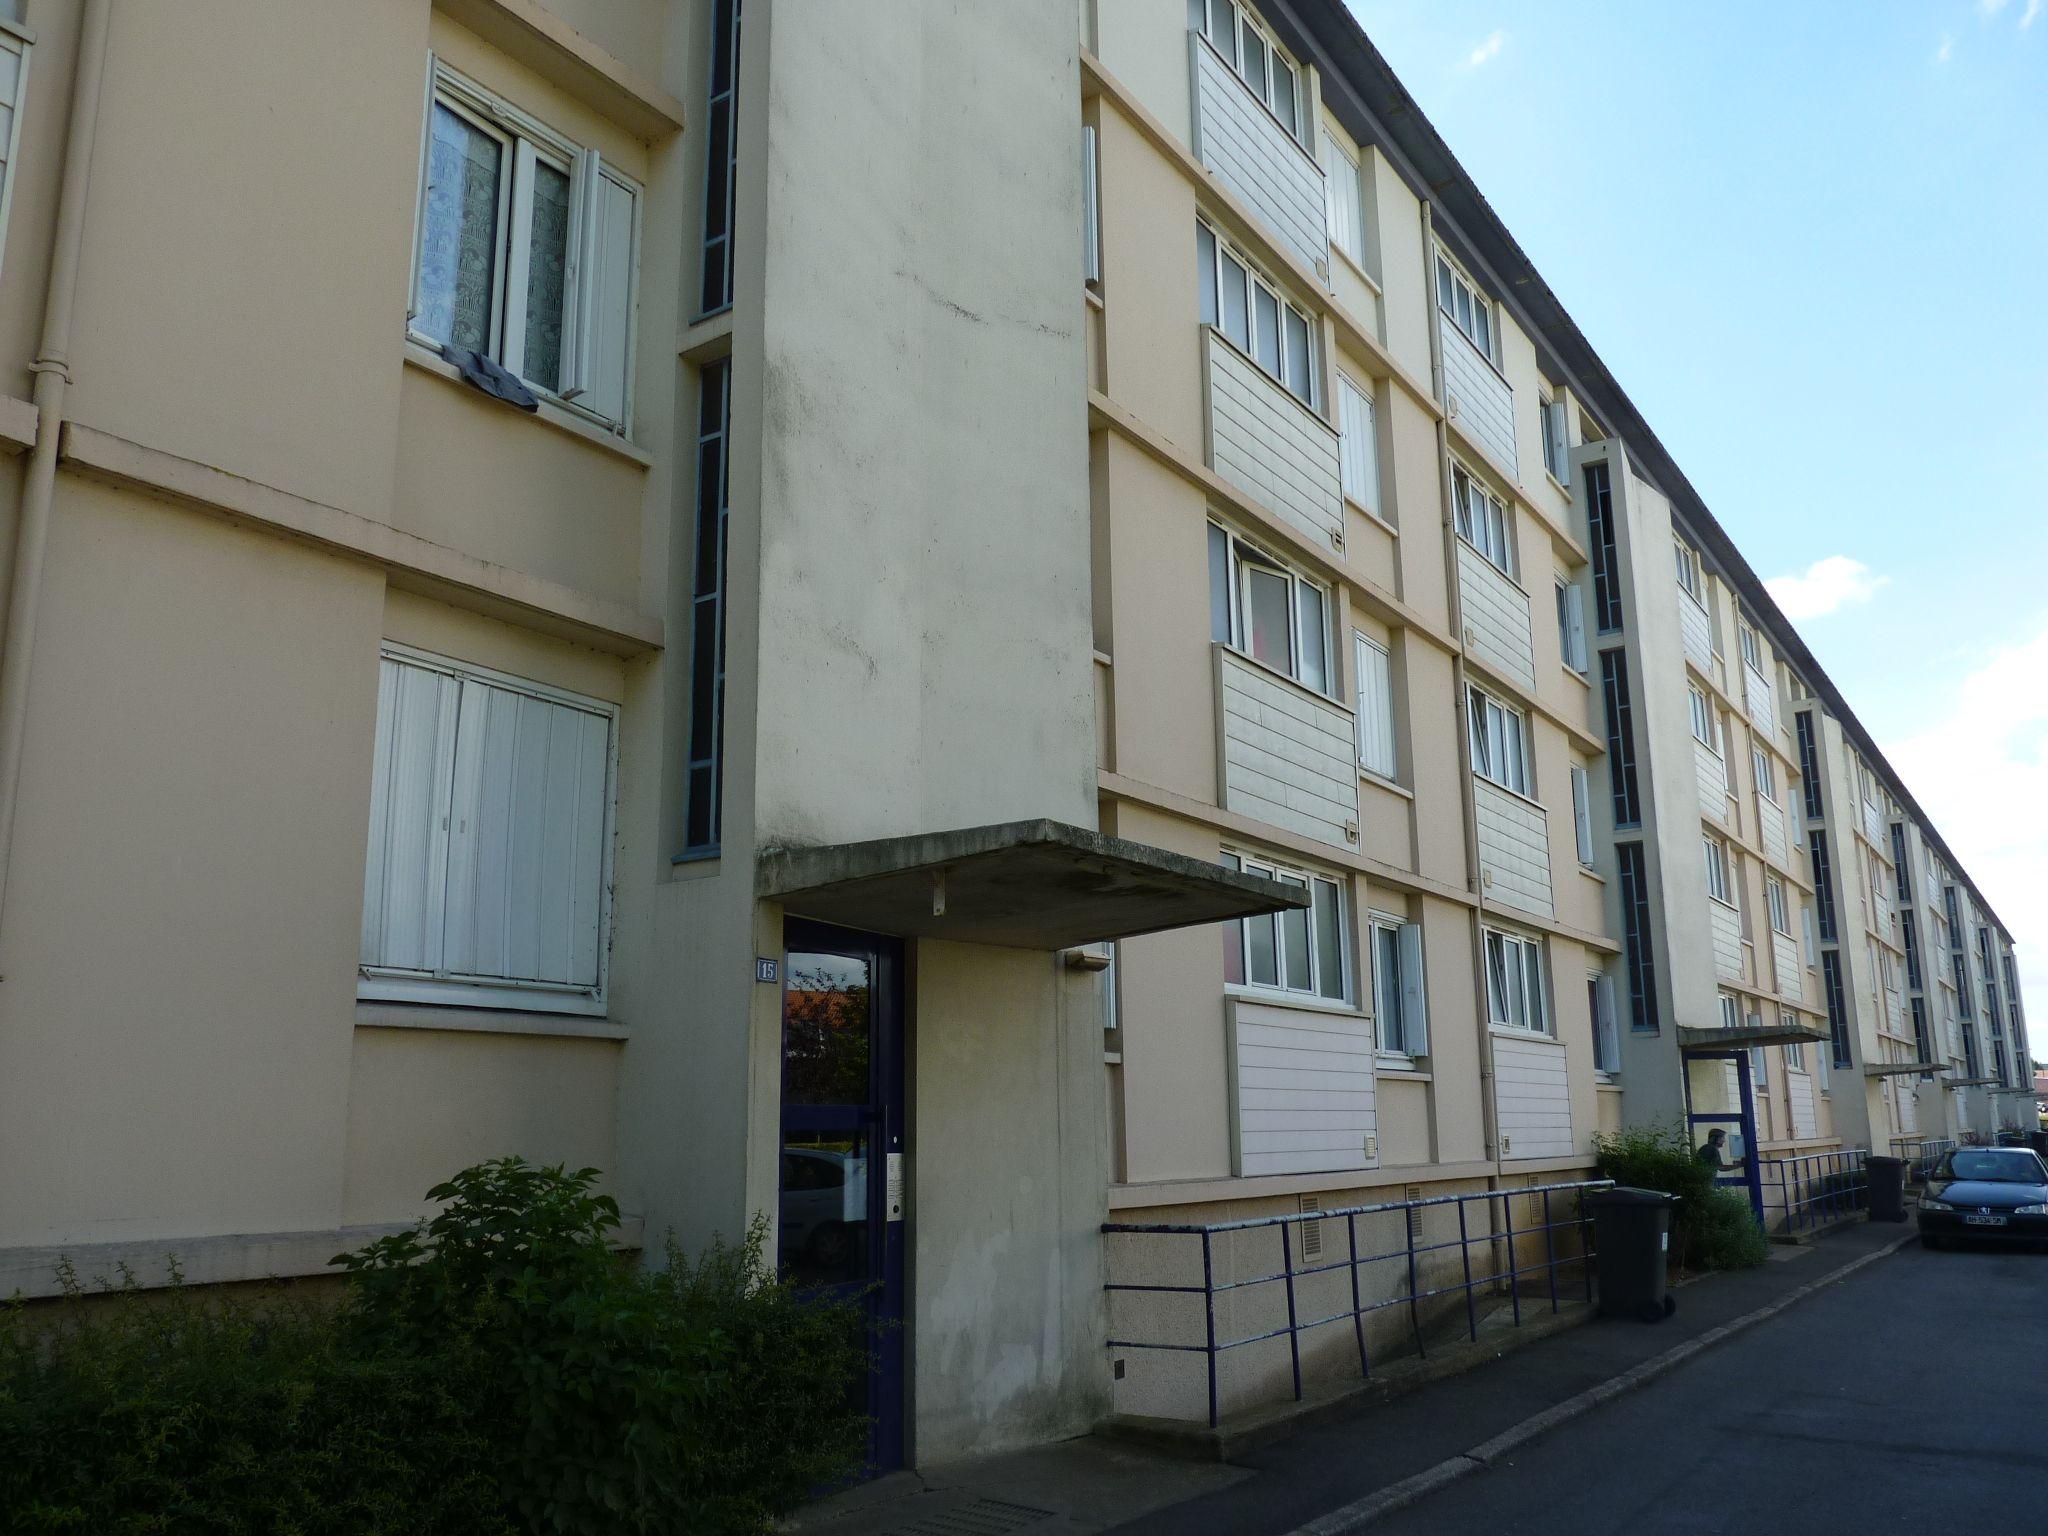 Logement alen on locataion appartement t4 for Entretien exterieur locataire